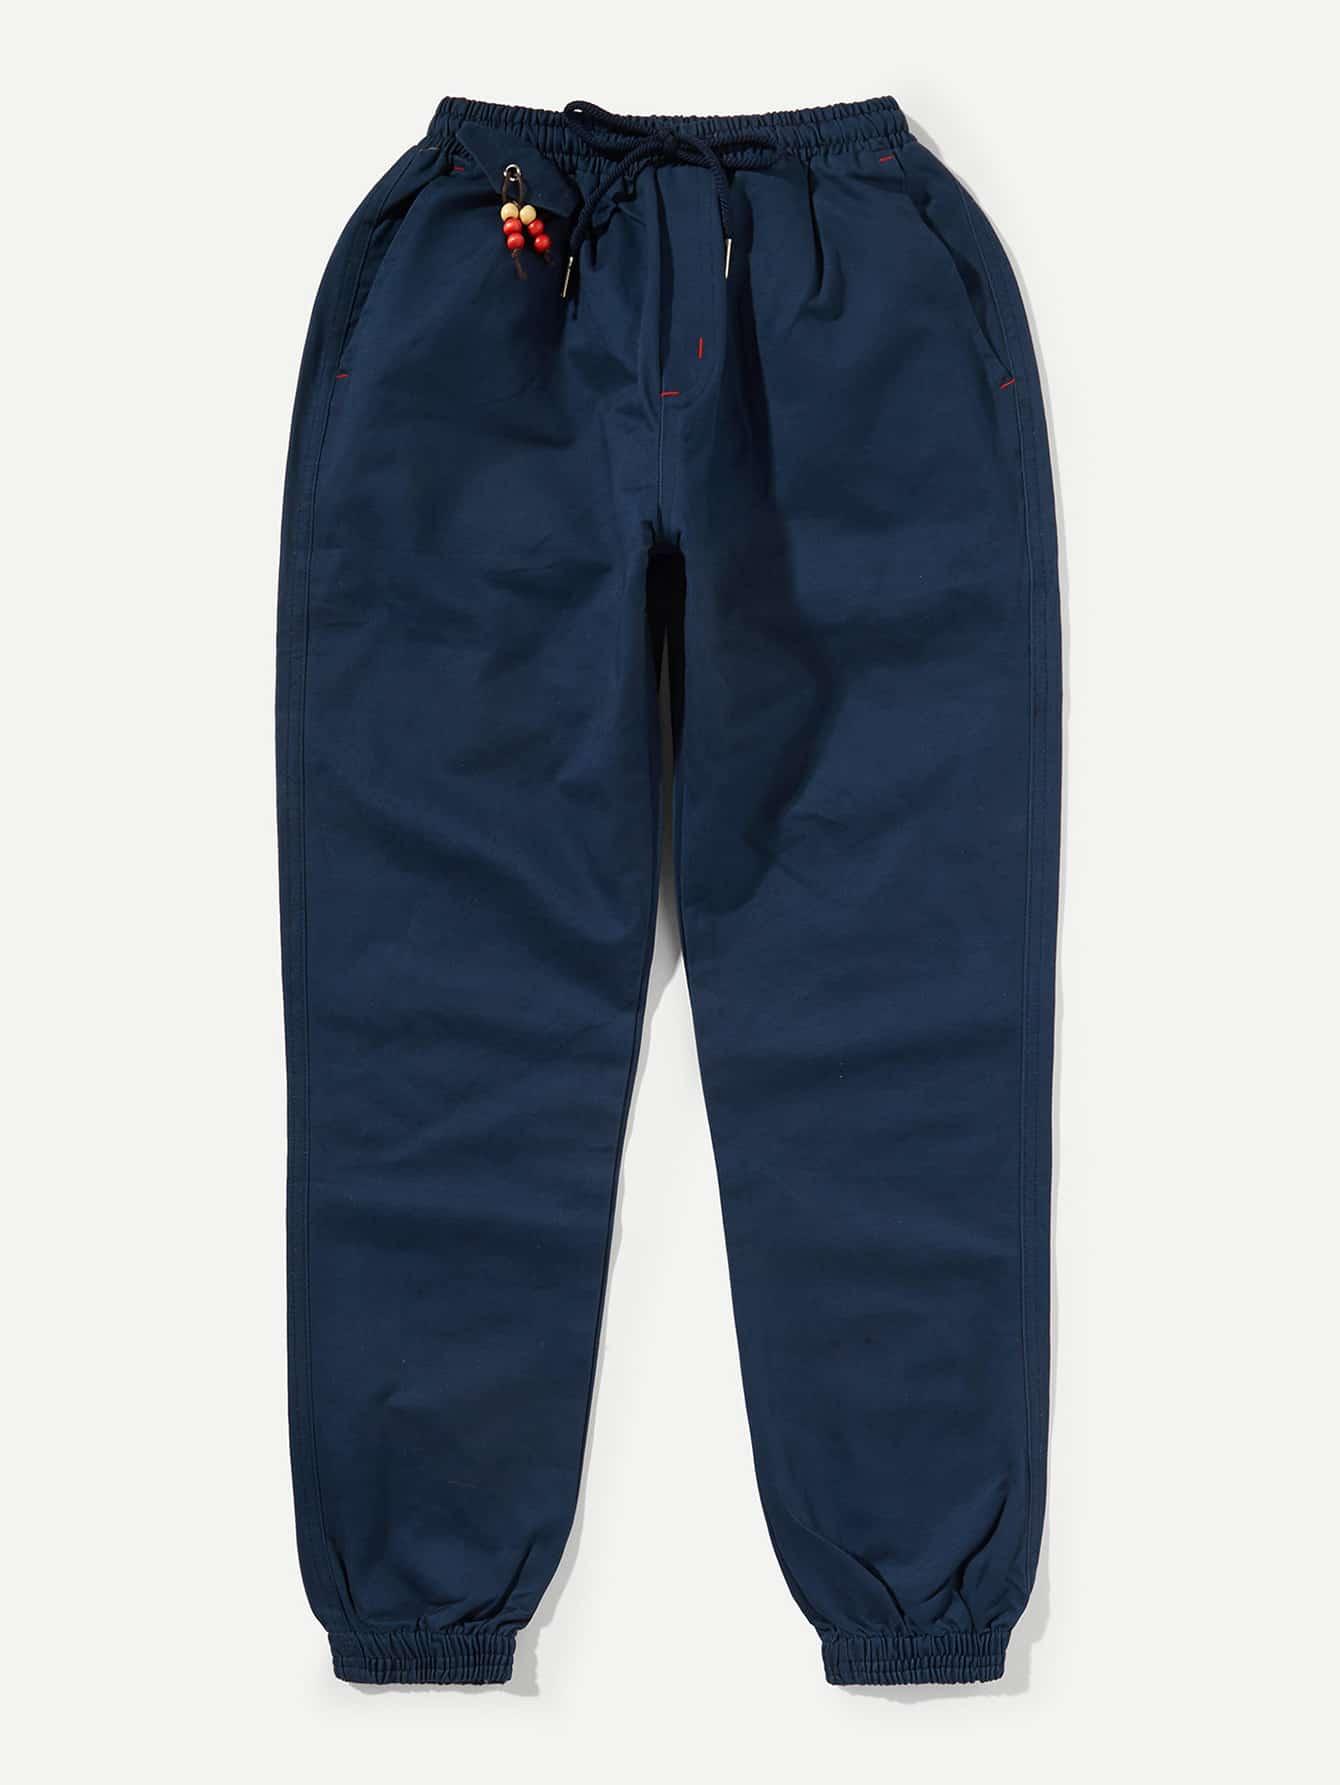 Купить Одноцветный на кулиске Темно синий Мужские брюки, null, SheIn